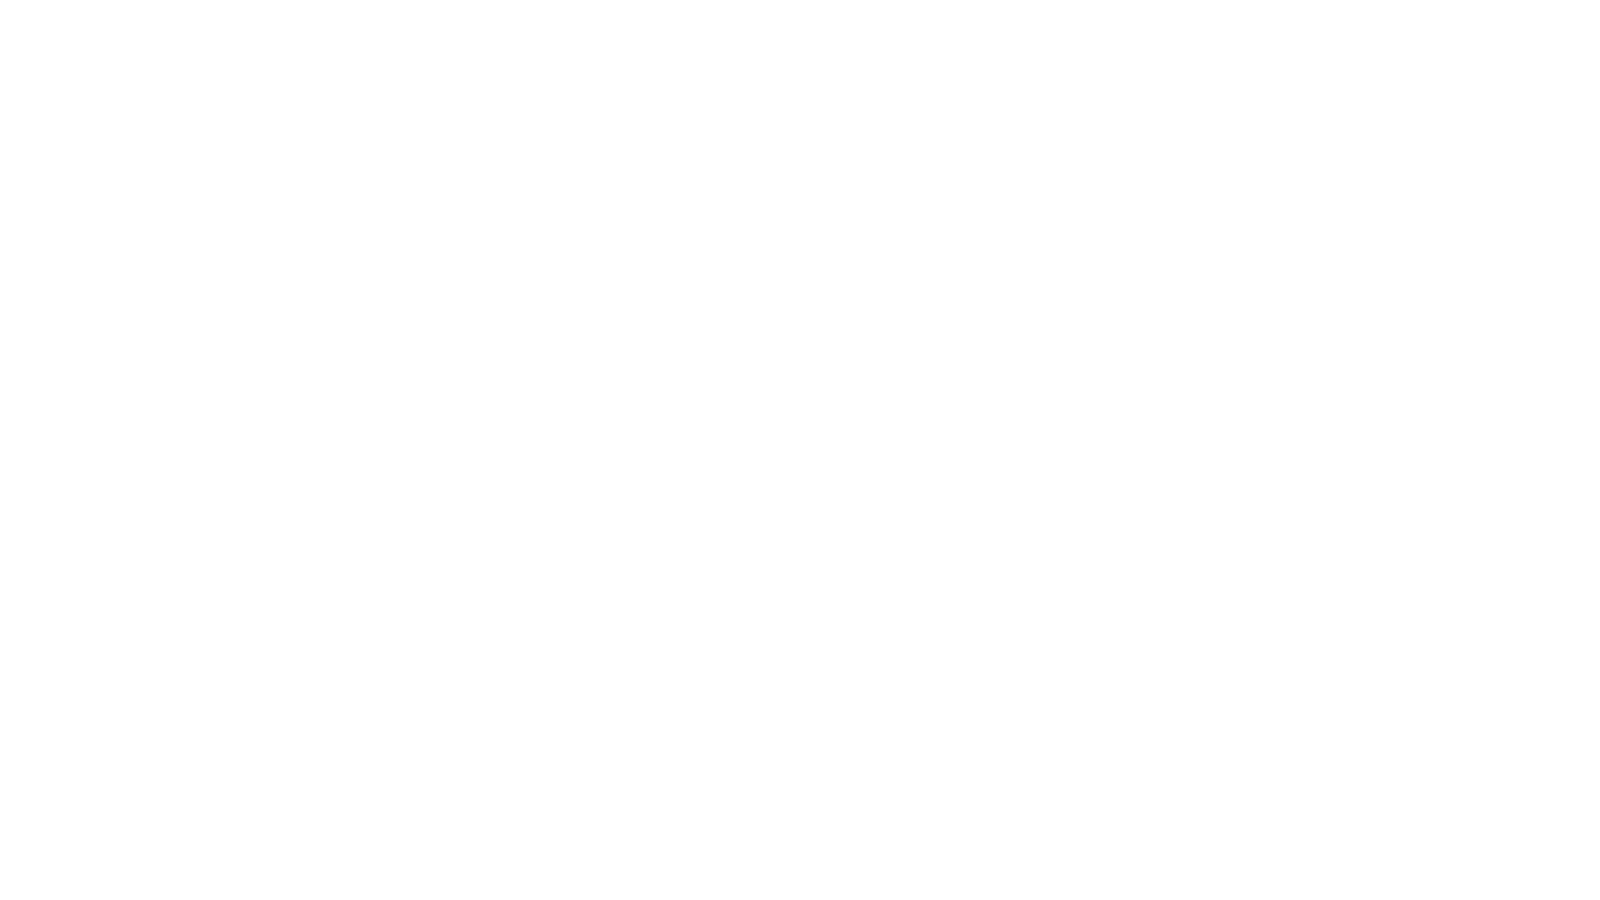 Karim Benzema può vincere il Pallone d'Oro?  ✨  Dopo le dichiarazioni di Aulas e di Ronaldo il fenomeno, la candidatura del centravanti francese si è fatta popolare tra coloro che attendono con ansia il verdetto del prossimo 29 di novembre.  Benzema è oggi il punto di riferimento del Real Madrid, ed è stato capace di tornare in Nazionale prendendosi il posto da titolare che gli mancava da sei anni, infischiandosene della concorrenza presente nella nazionale campione del mondo in carica.   Benzema è oggi quindi a tutti gli effetti un candidato, che culla il sogno di bambino di Lione partito dalla squadra della sua città e arrivato a segnare 290 gol con la maglia del Real Madrid.   Di: Simone Mannarino  Musiche: Nicolò Leggio   ▶ ATTIVA LA 🔔 PER RIMANERE SEMPRE AGGIORNATO   Iscriviti al canale: https://bit.ly/3d9aecs  • FOLLOW SU INSTAGRAM : https://www.instagram.com/minutimagazine • FOLLOW SU TWITTER: https://twitter.com/minutimagazine • SEGUICI SU FACEBOOK: https://www.facebook.com/minutimagazine/ • Canale Telegram: https://t.me/minutimagazine  #Benzema #KarimBenzema #Pallonedoro